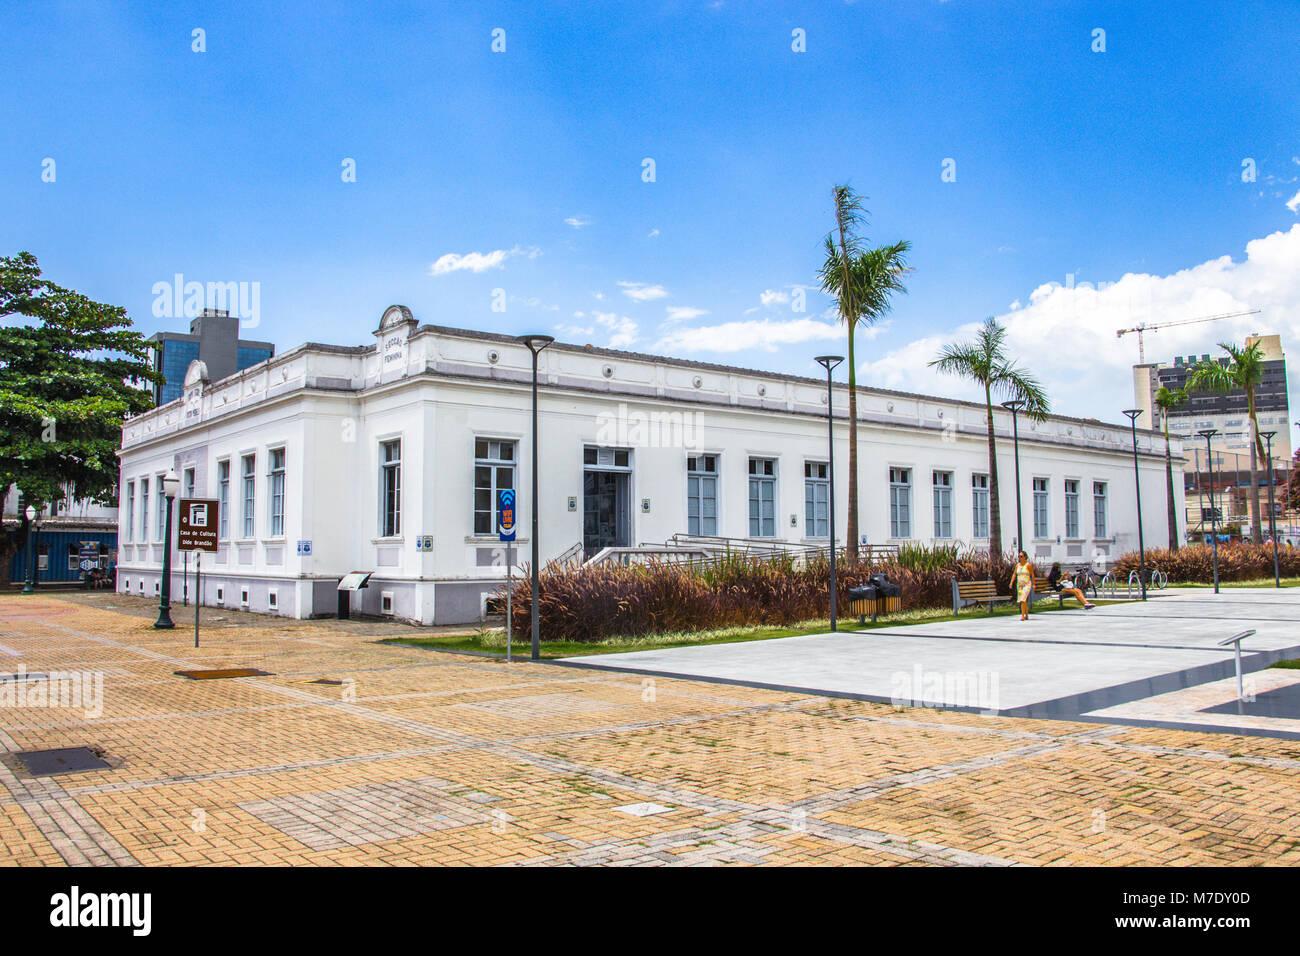 Itajai, Santa Catarina, Brasile - Febbraio 22th, 2018: La Casa de Cultura Dide Brandao presso il downtown di Itajai, Immagini Stock